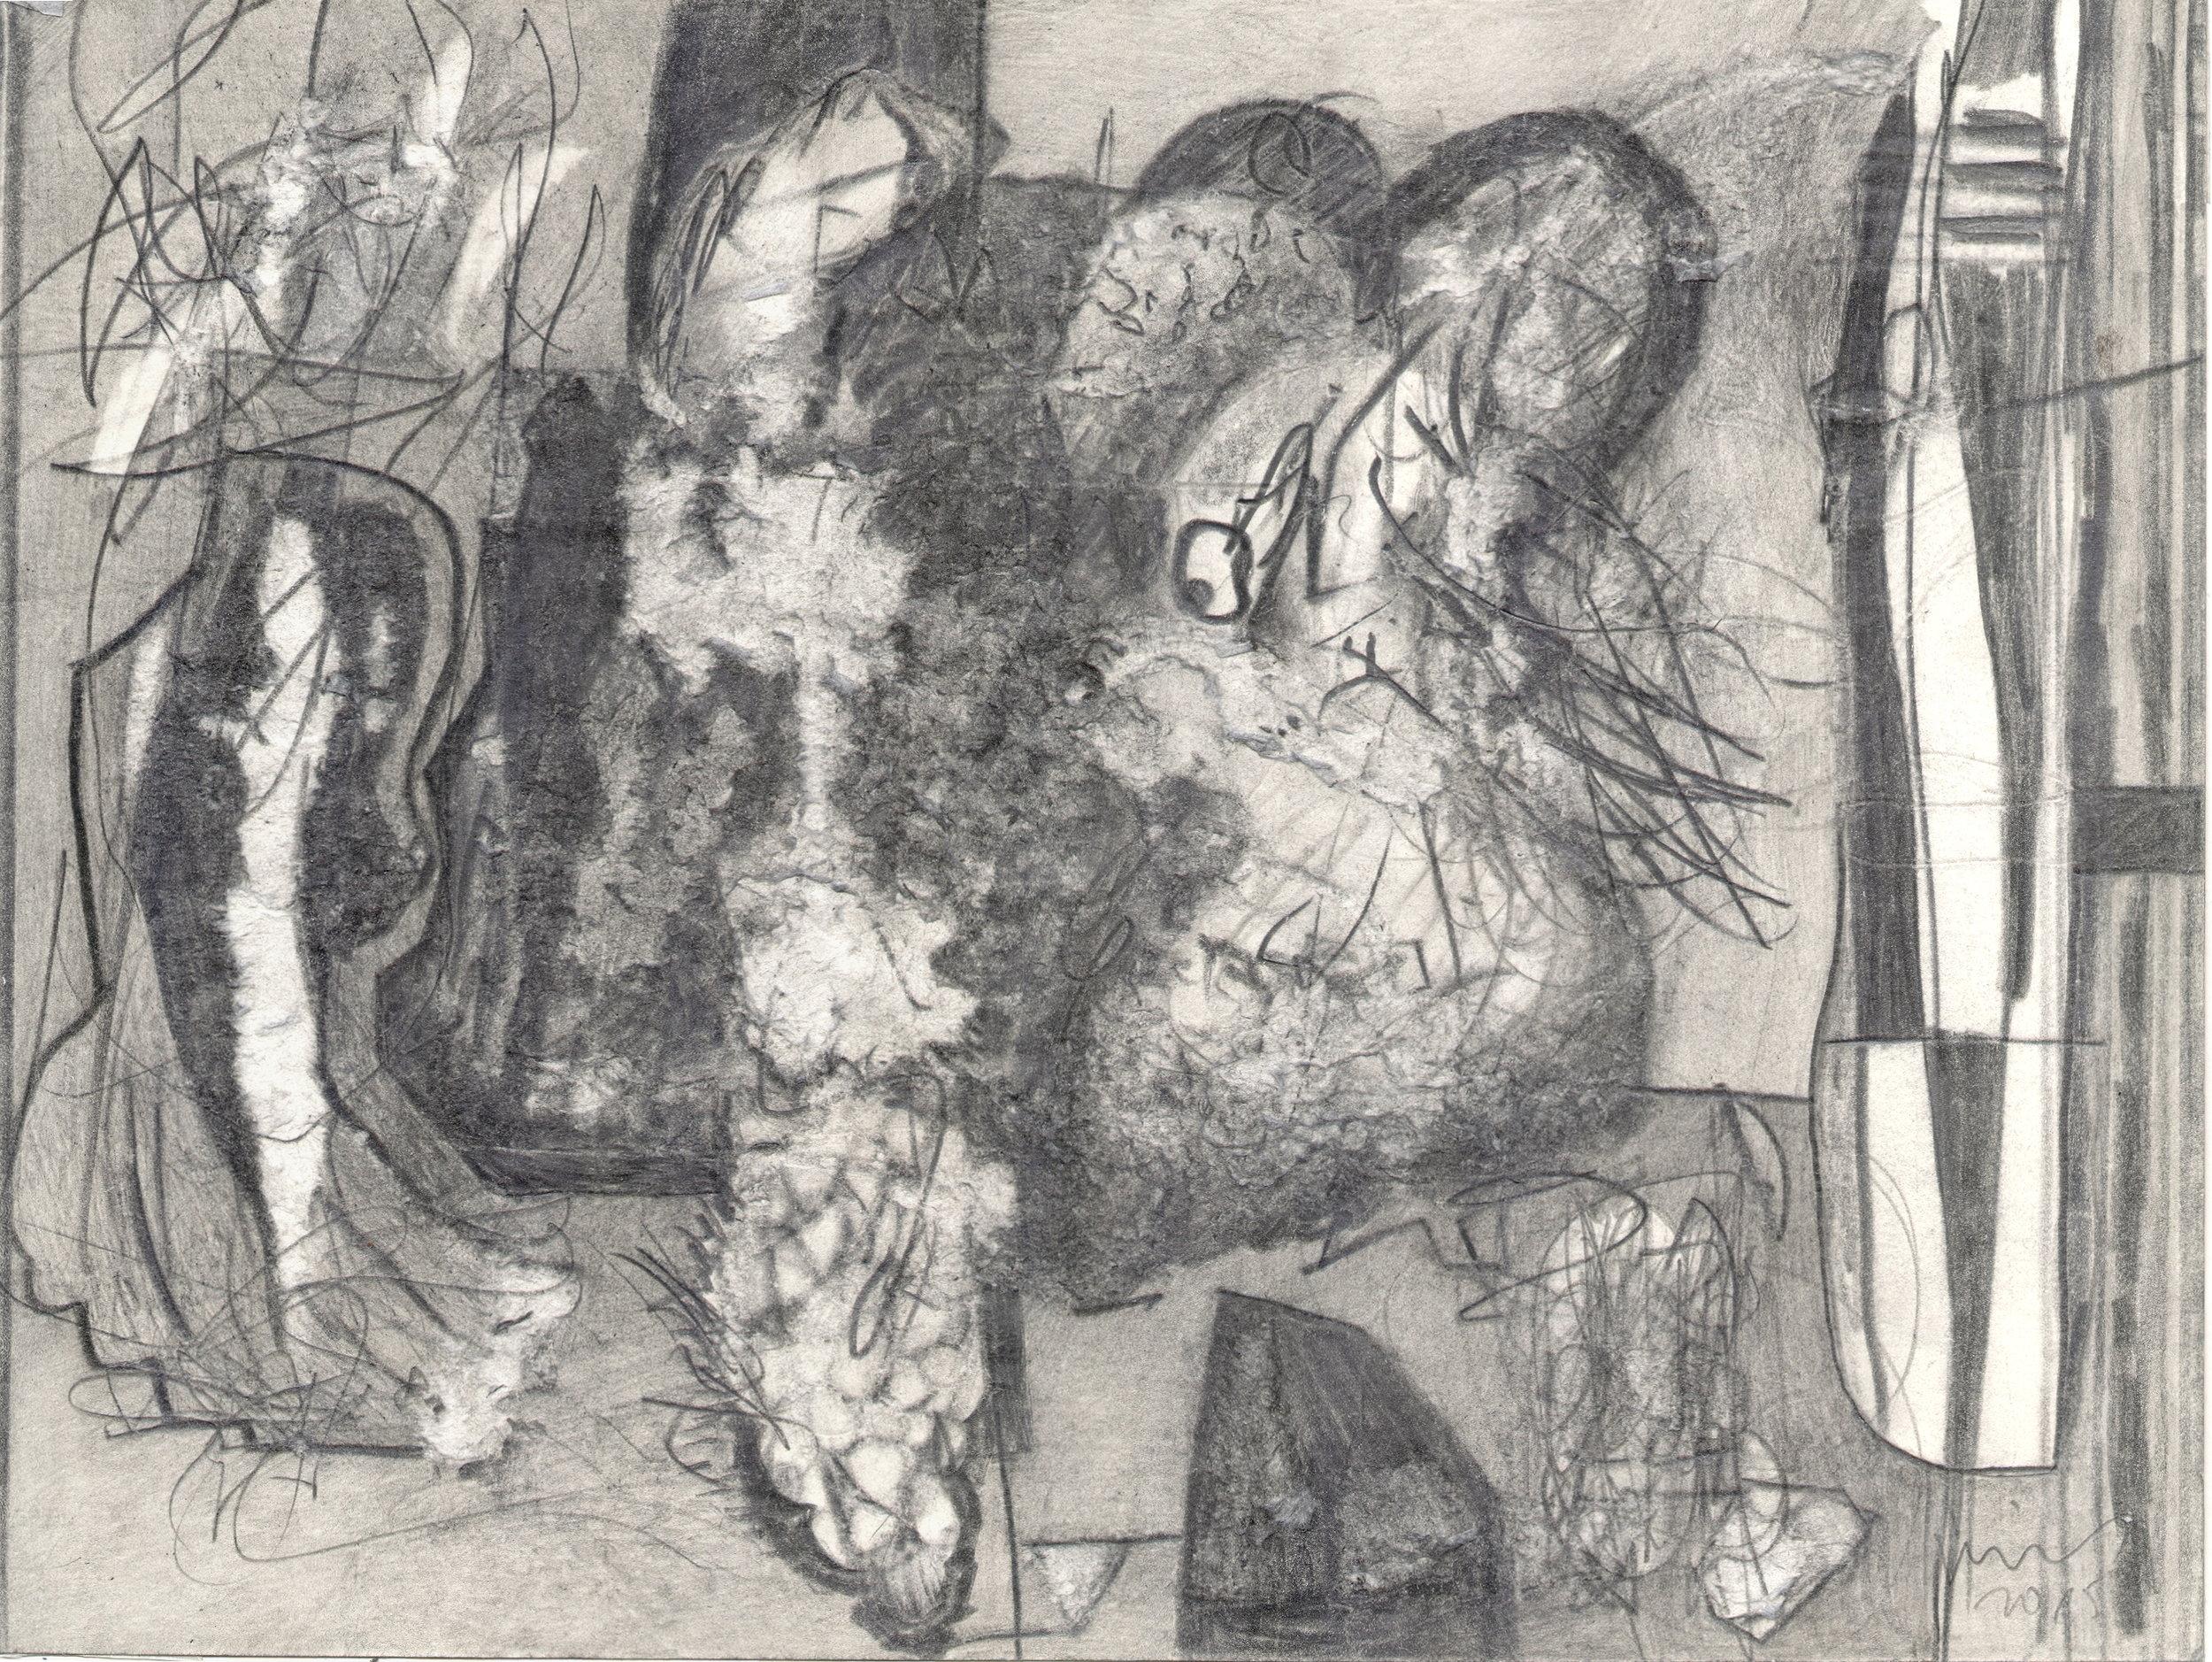 O.T. ( Maus ), 2017  Bleistift auf Papier, 26x35.5cm